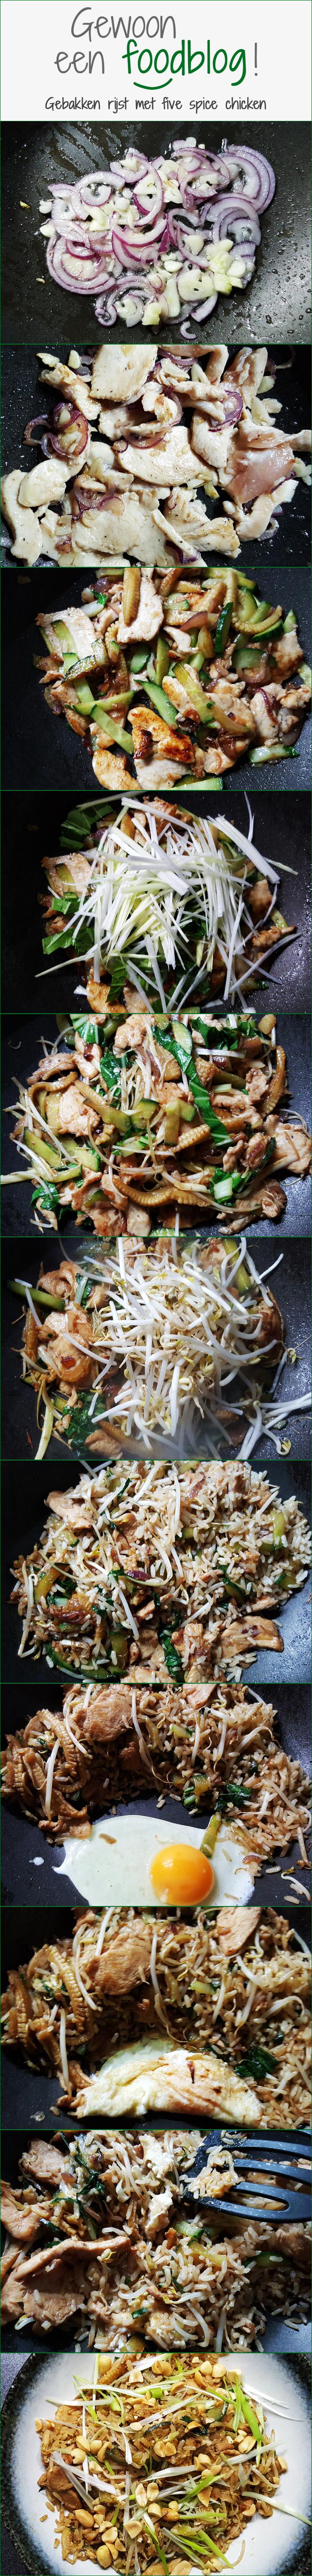 Five spice chicken met gebakken rijst fotoserie| Gewoon een foodblog!